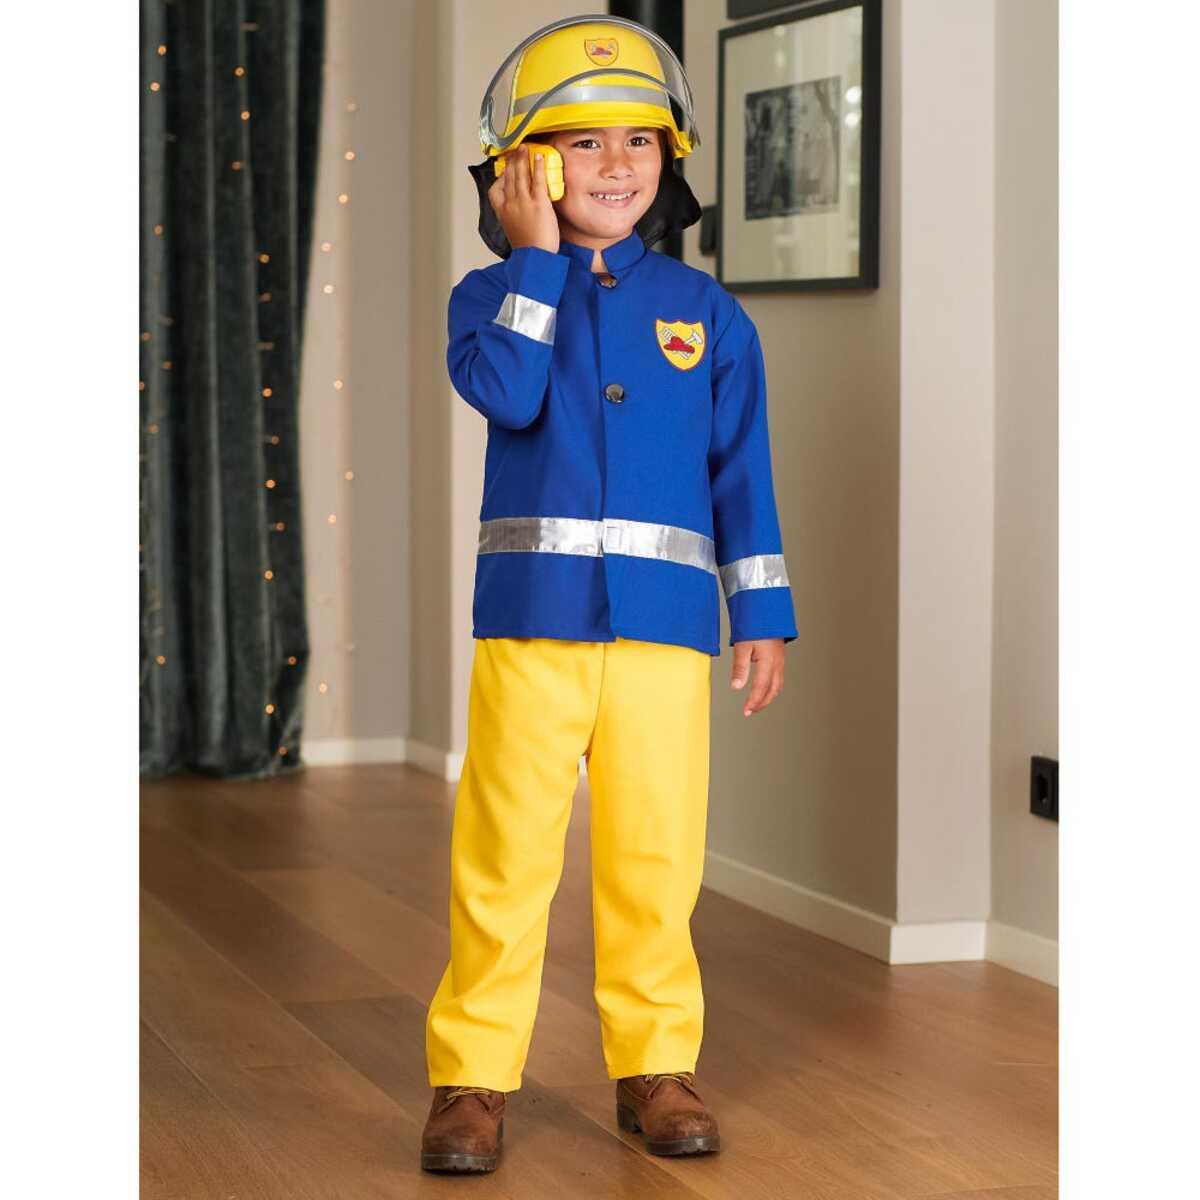 Bild 1 von Feuerwehrmann-Kostüm für Kinder, 3-teilig